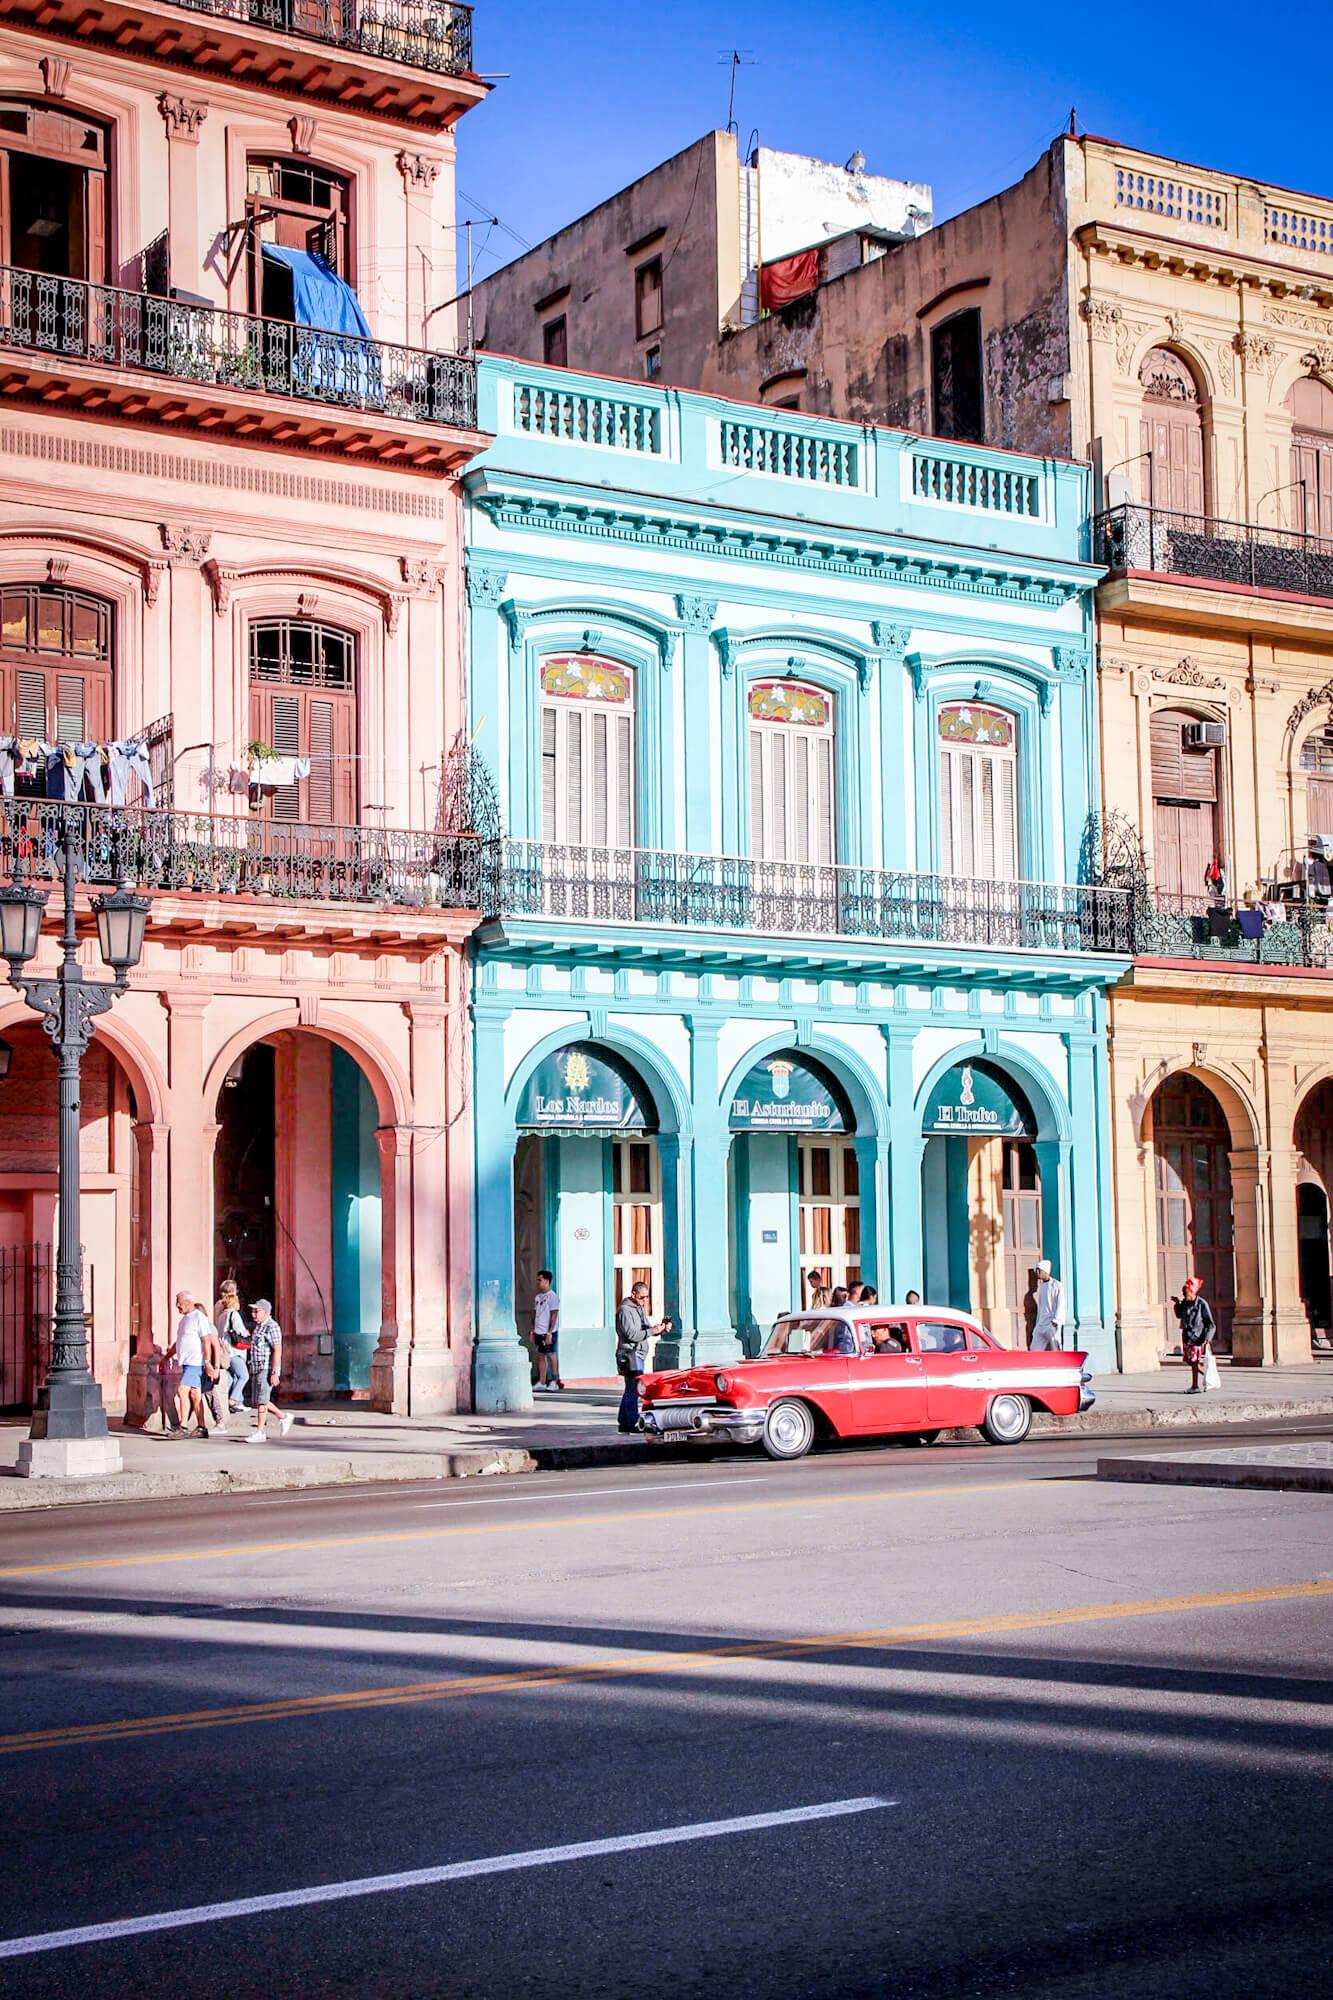 Kuba Havanna Urlaub Travel Paseo de Marti tantedine